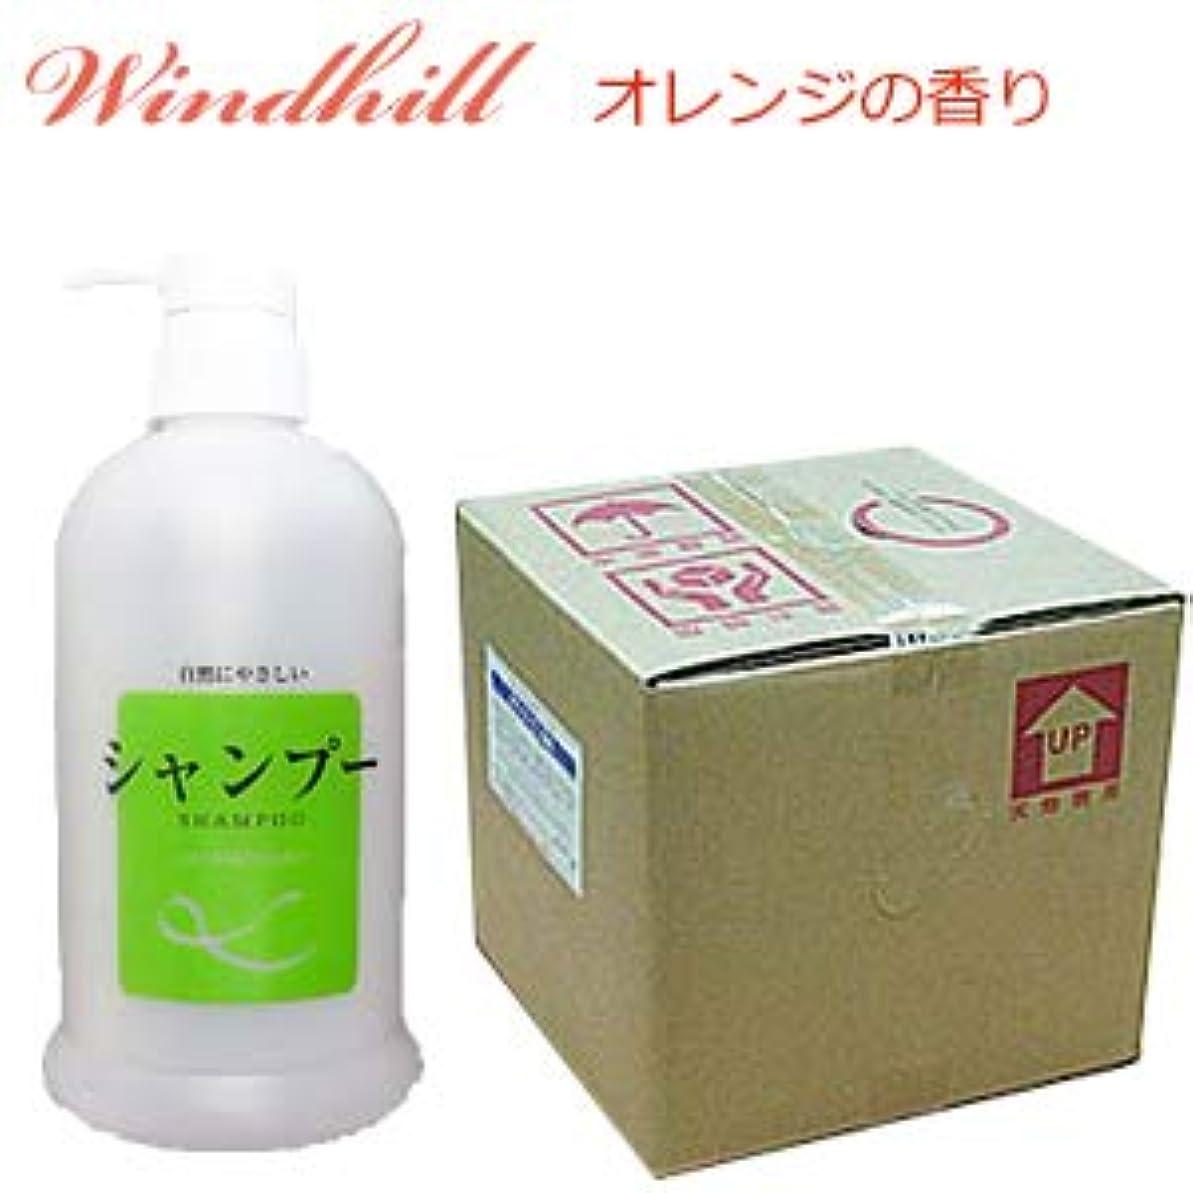 Windhill 植物性 業務用 シャンプー オレンジの香り 20L(1セット20L入)